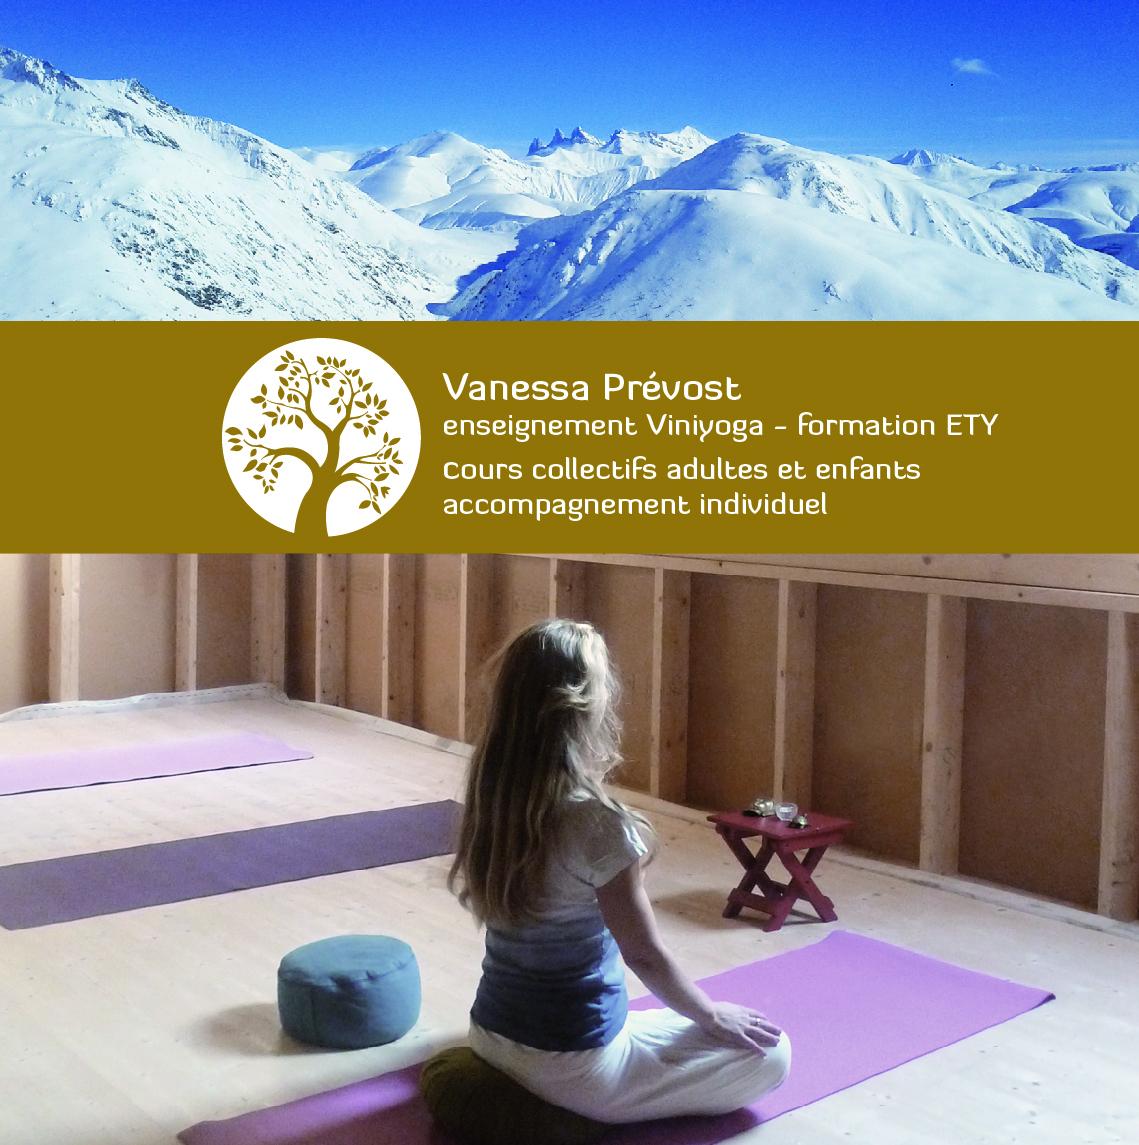 Pr vost vanessa yoga et massage ayurv dique le bourg d 39 oisans oisans tourisme - Office tourisme bourg d oisans ...